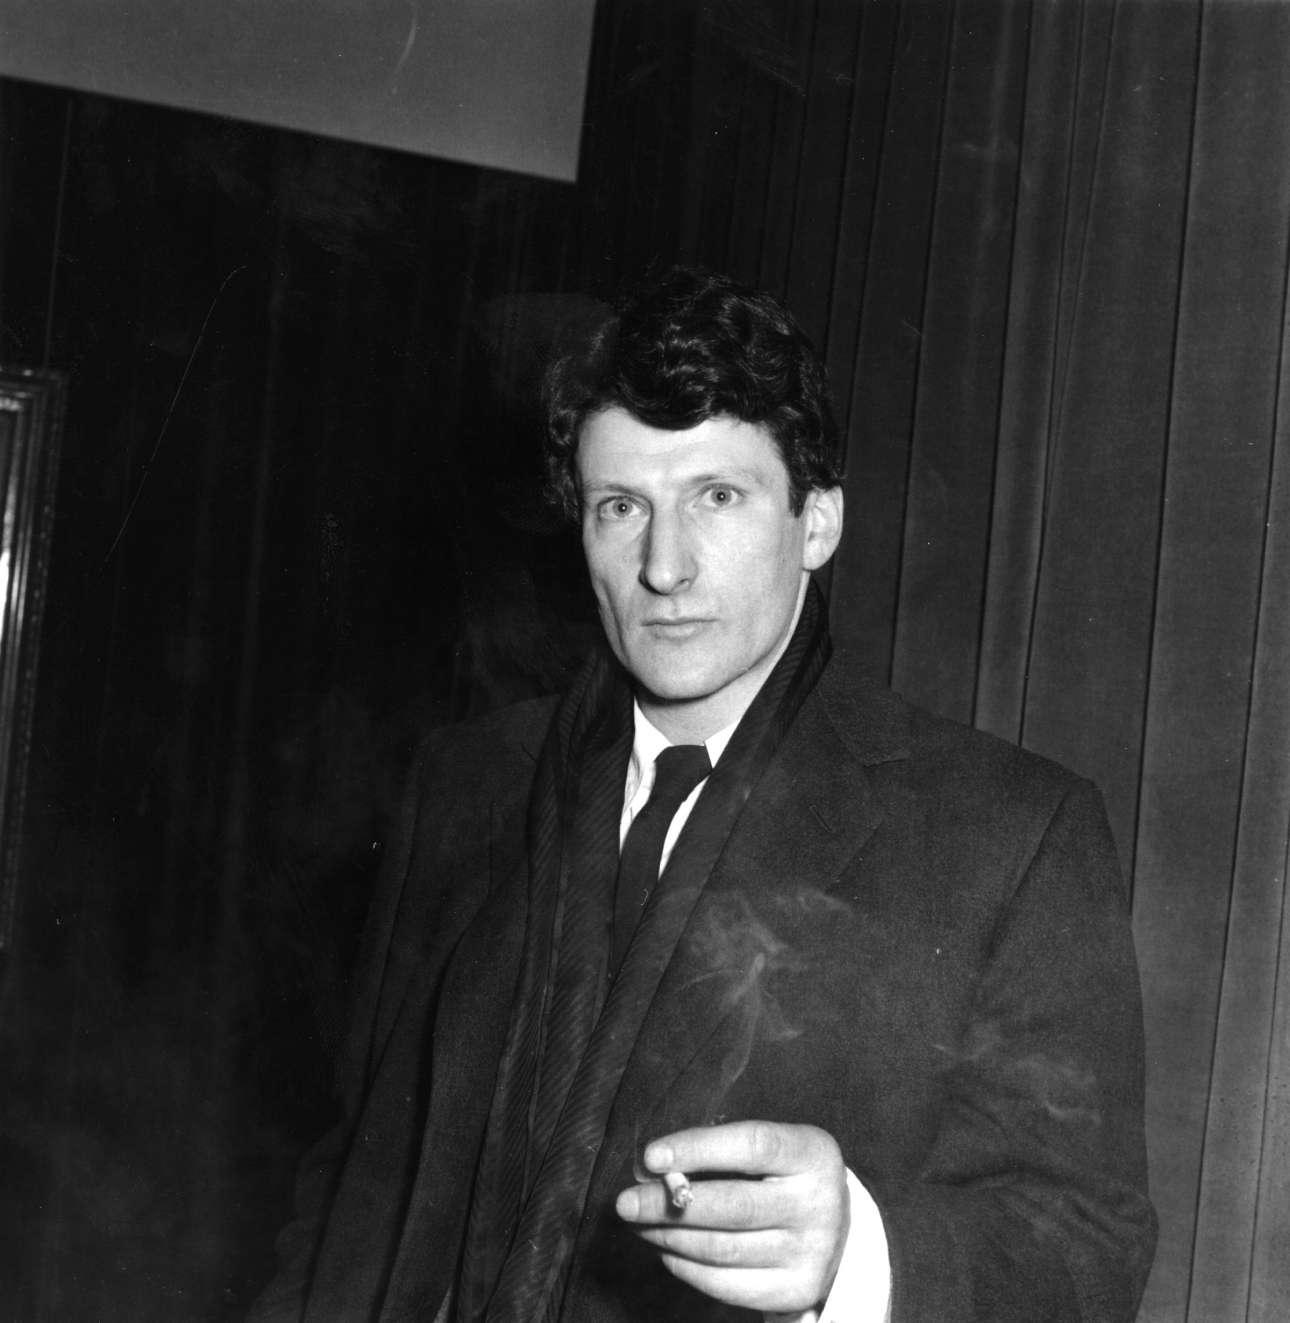 Λούσιαν Φρόιντ. Ο διάσημος ζωγράφος και εγγονός του Σίγκμουντ Φρόιντ γεννήθηκε στη Γερμανία, αλλά τελικά μετεγκαταστάθηκε μόνιμα στο Λονδίνο καθώς εγκατέλειψαν οικογενειακώς το 1933 την πατρίδα τους εξαιτίας της εβραϊκής καταγωγής τους